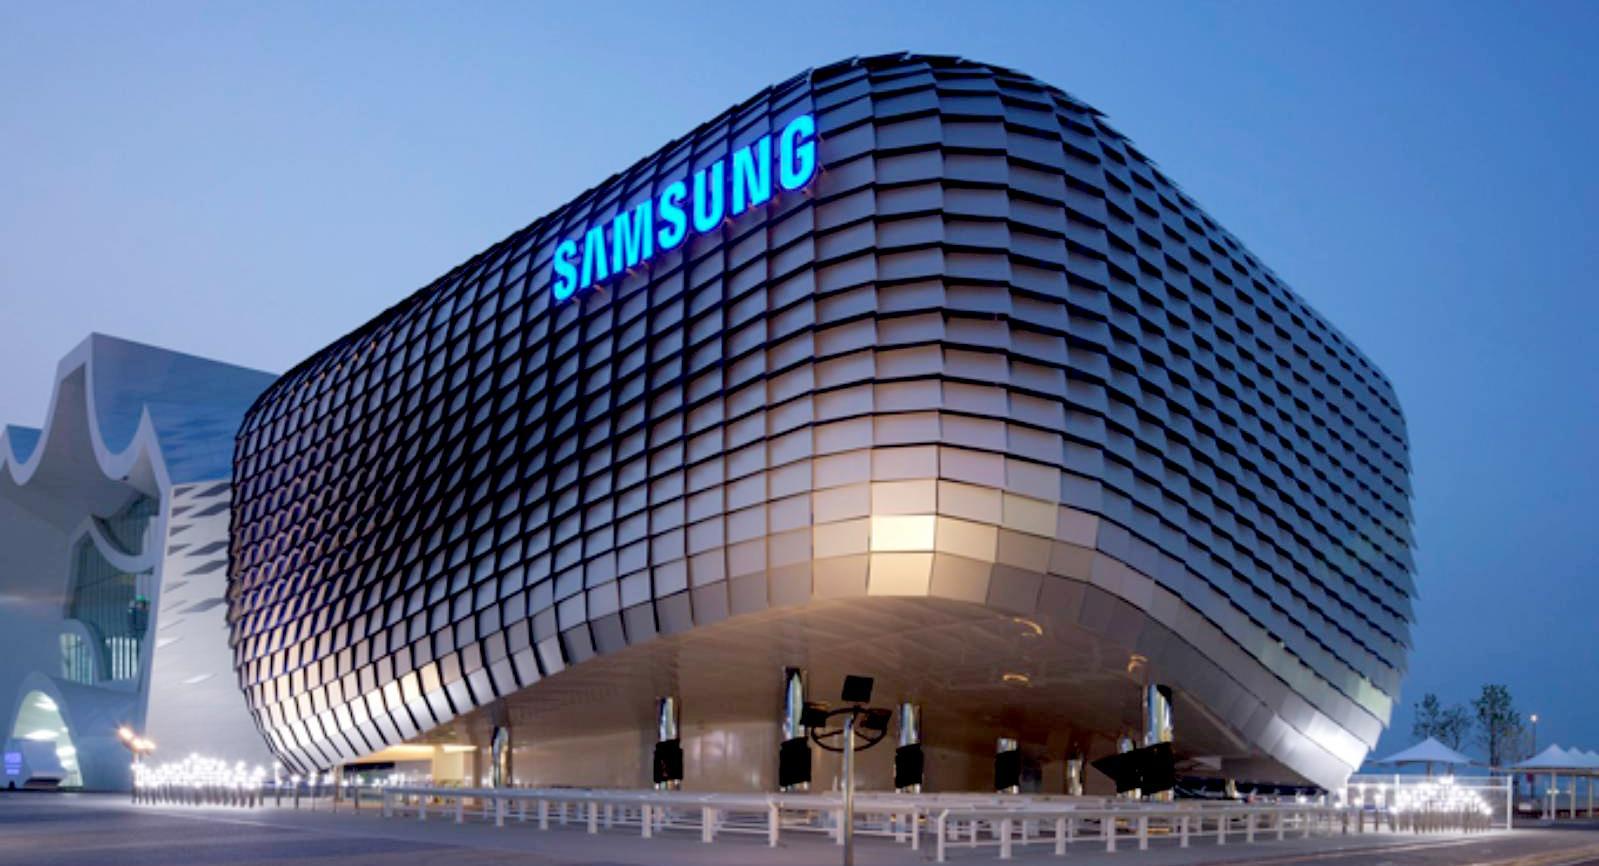 Samsung Crypto Phone inizio di una rivoluzione o la solita bufala pubblicitaria - Samsung Crypto Phone: l'inizio di una rivoluzione o la solita bufala pubblicitaria?